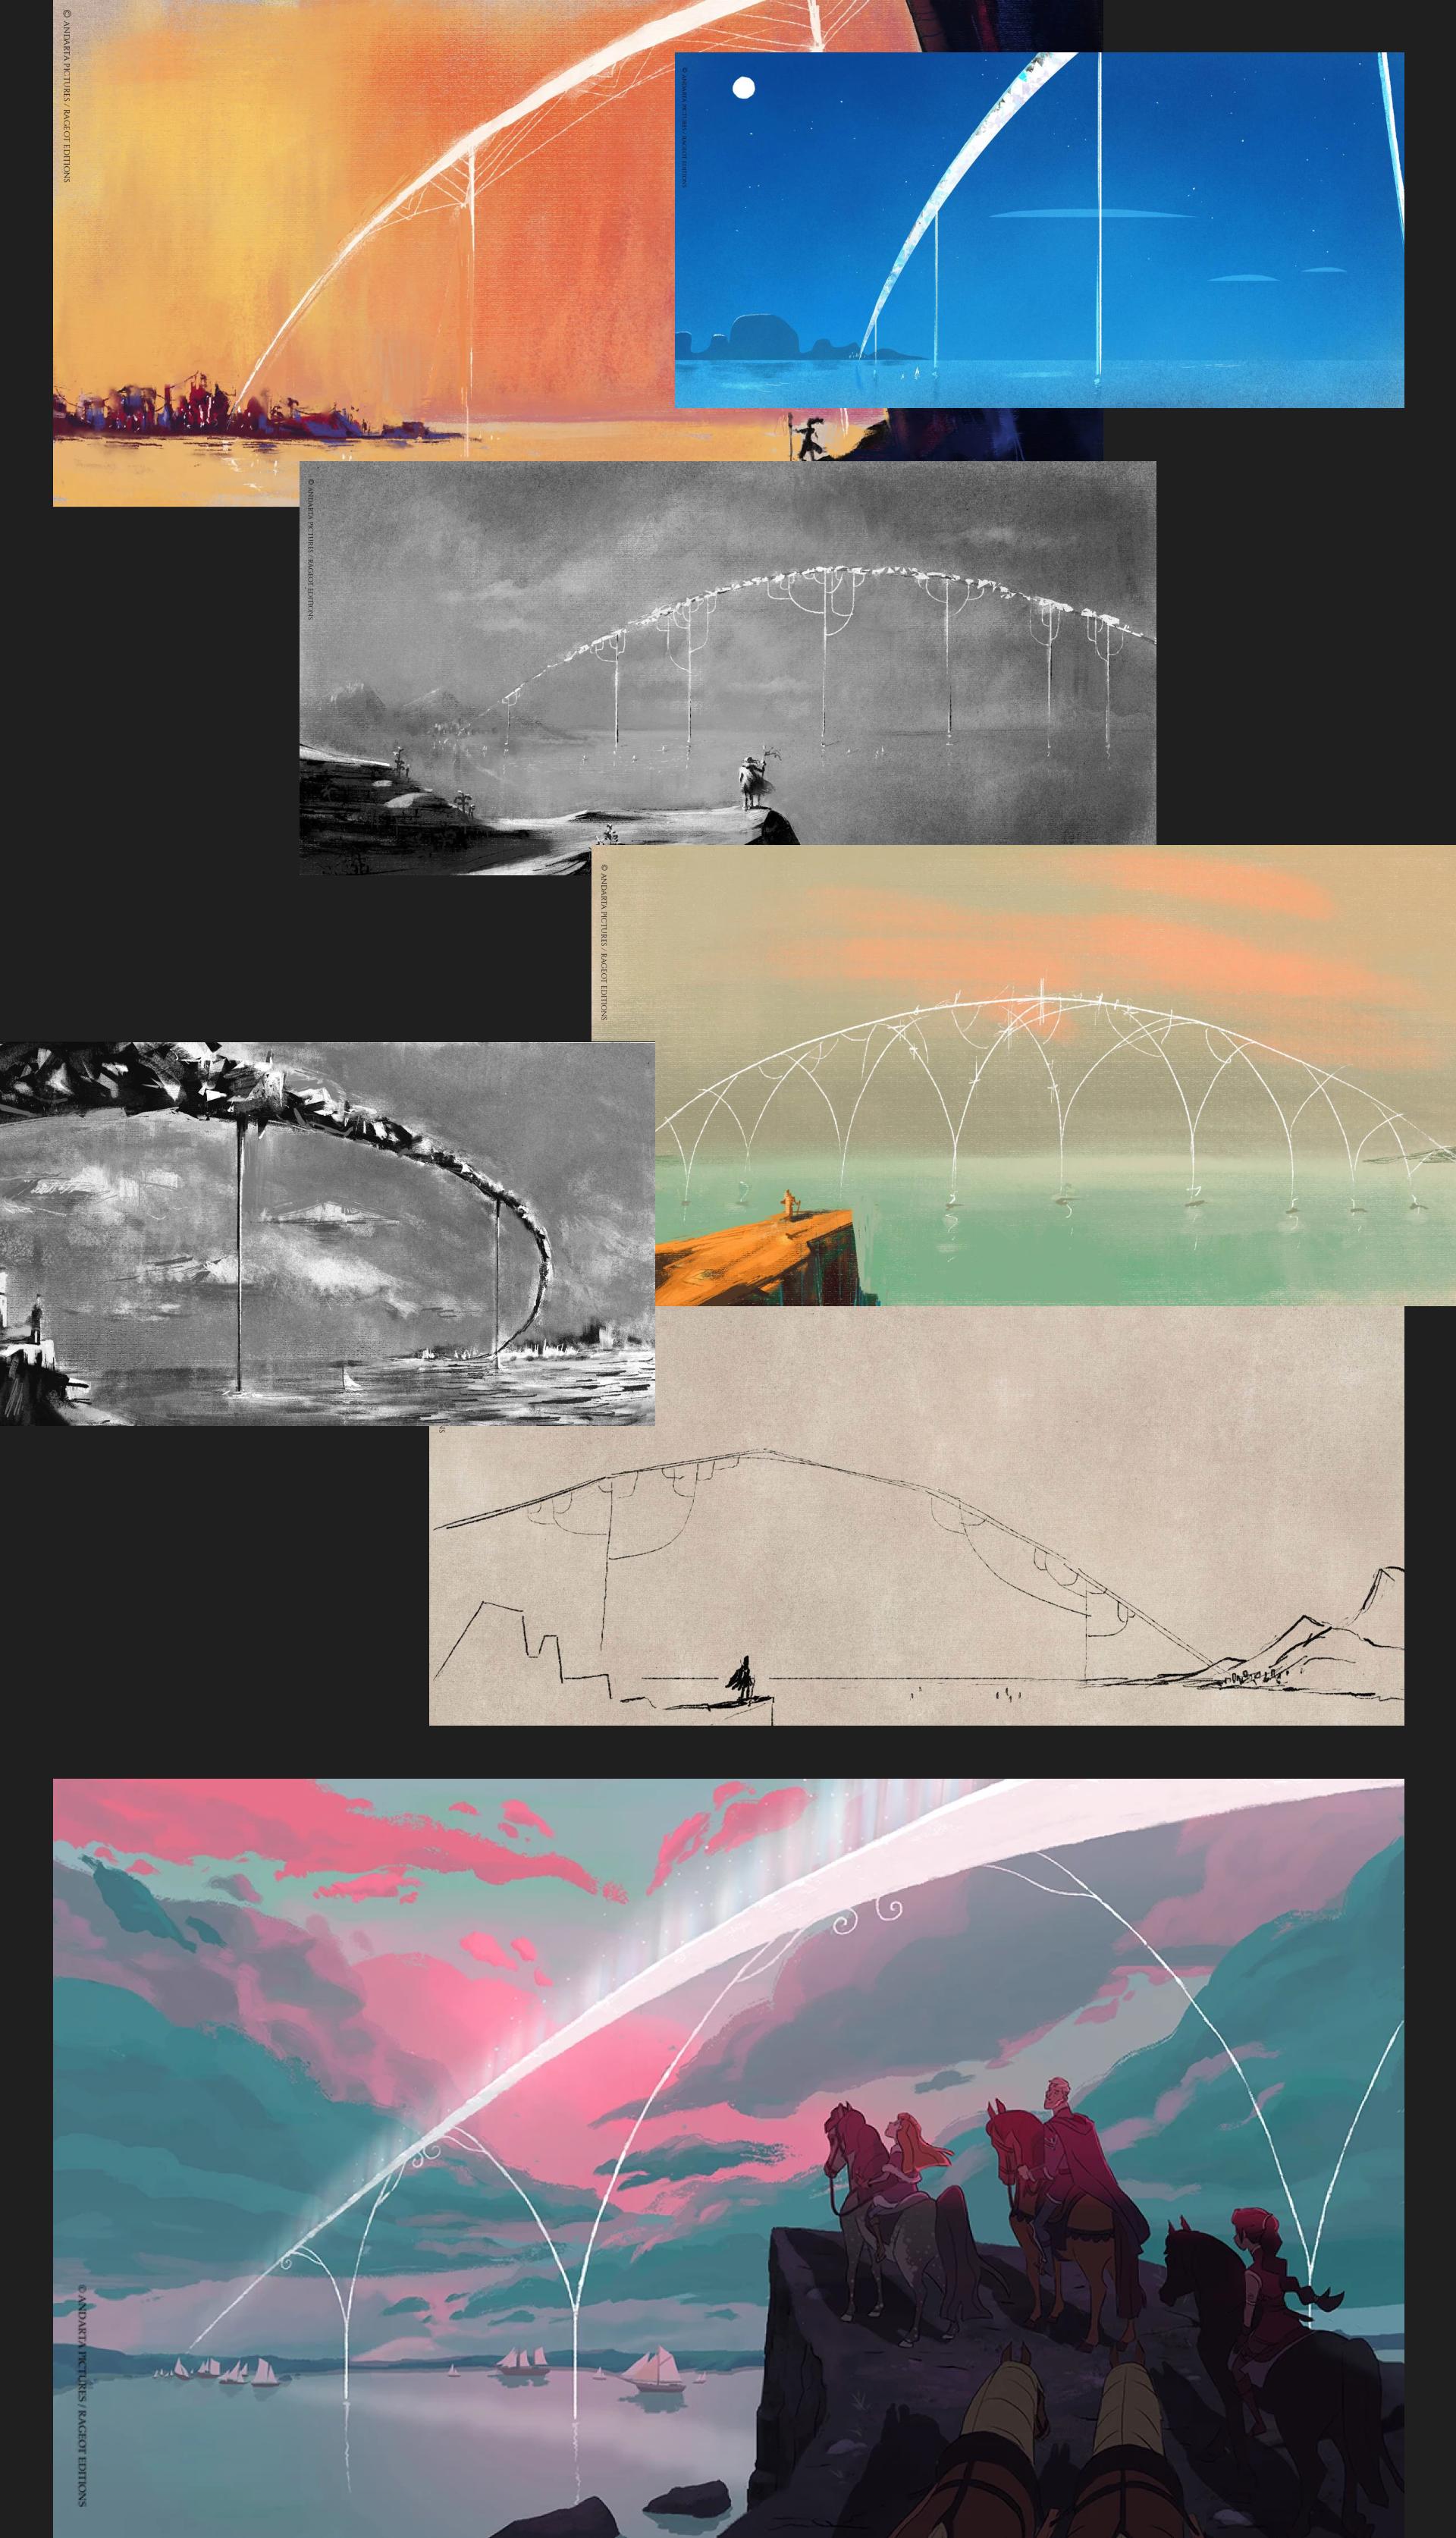 L'Arche – La Quête d'Ewilan, par Andarta Pictures